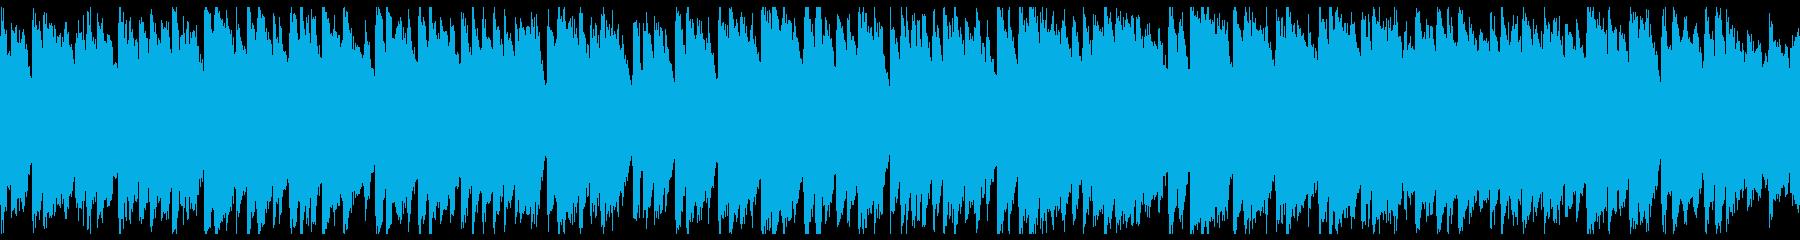 L【中世ヨーロッパ宮殿】お城や宮殿にての再生済みの波形